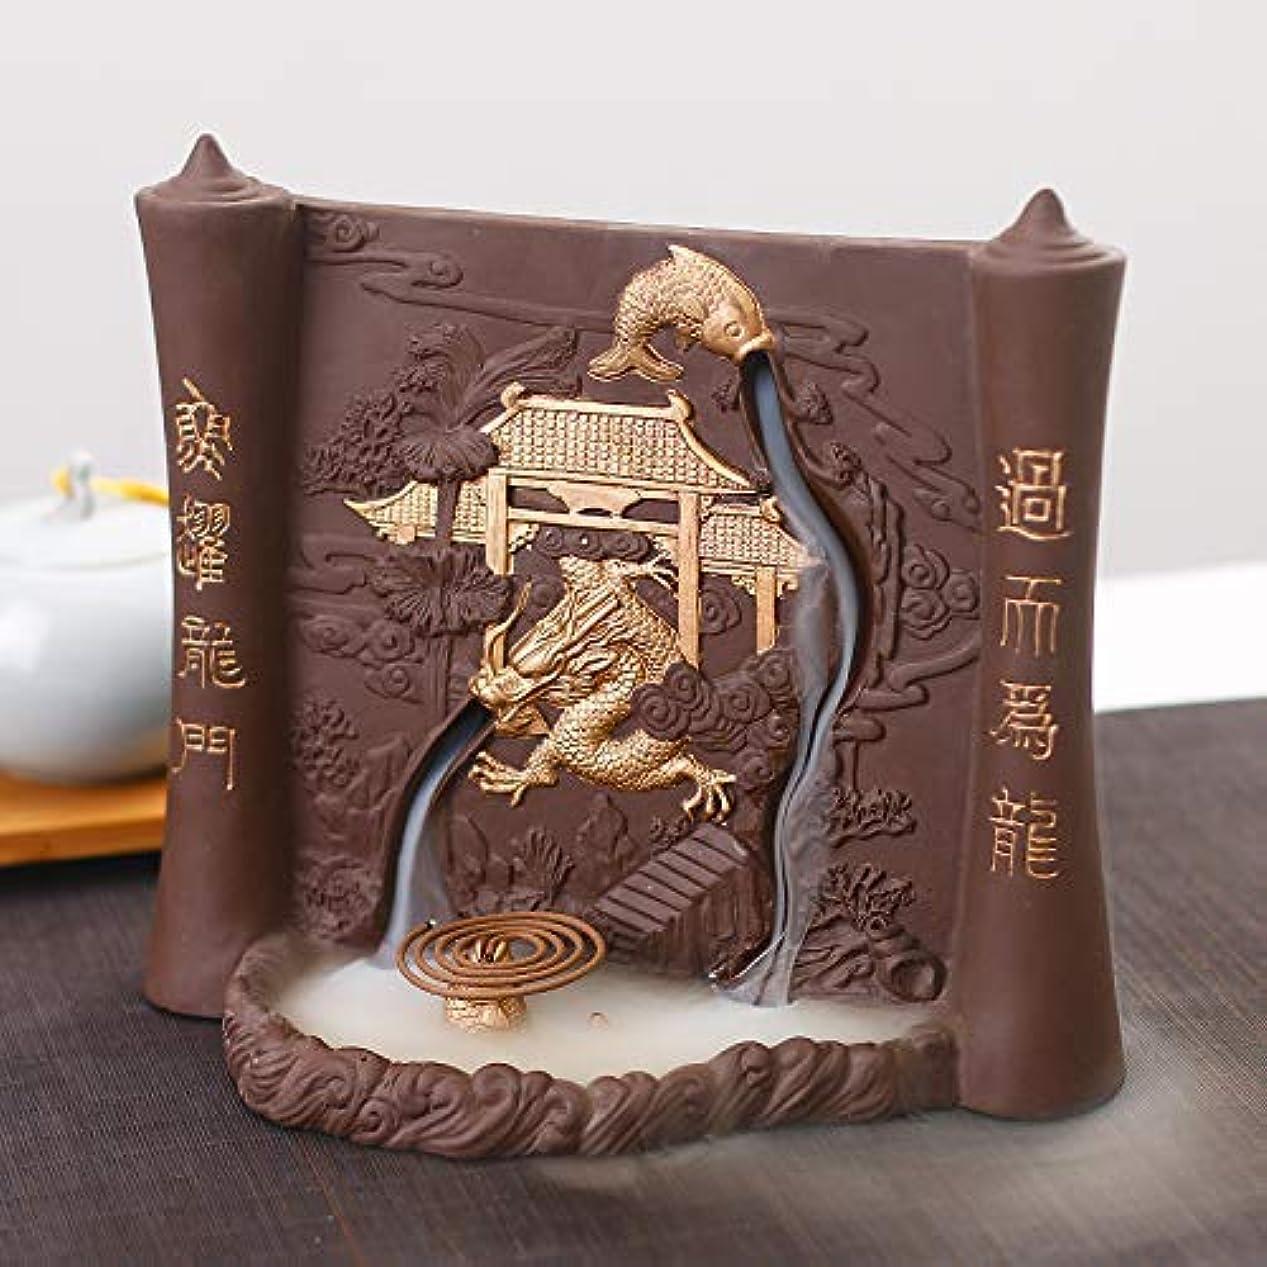 プロペラ入場料エリートPHILOGOD 香炉 陶器漢字彫刻レリーフ手作り逆流香炉 線香立て デュアルユース お香 ホルダー